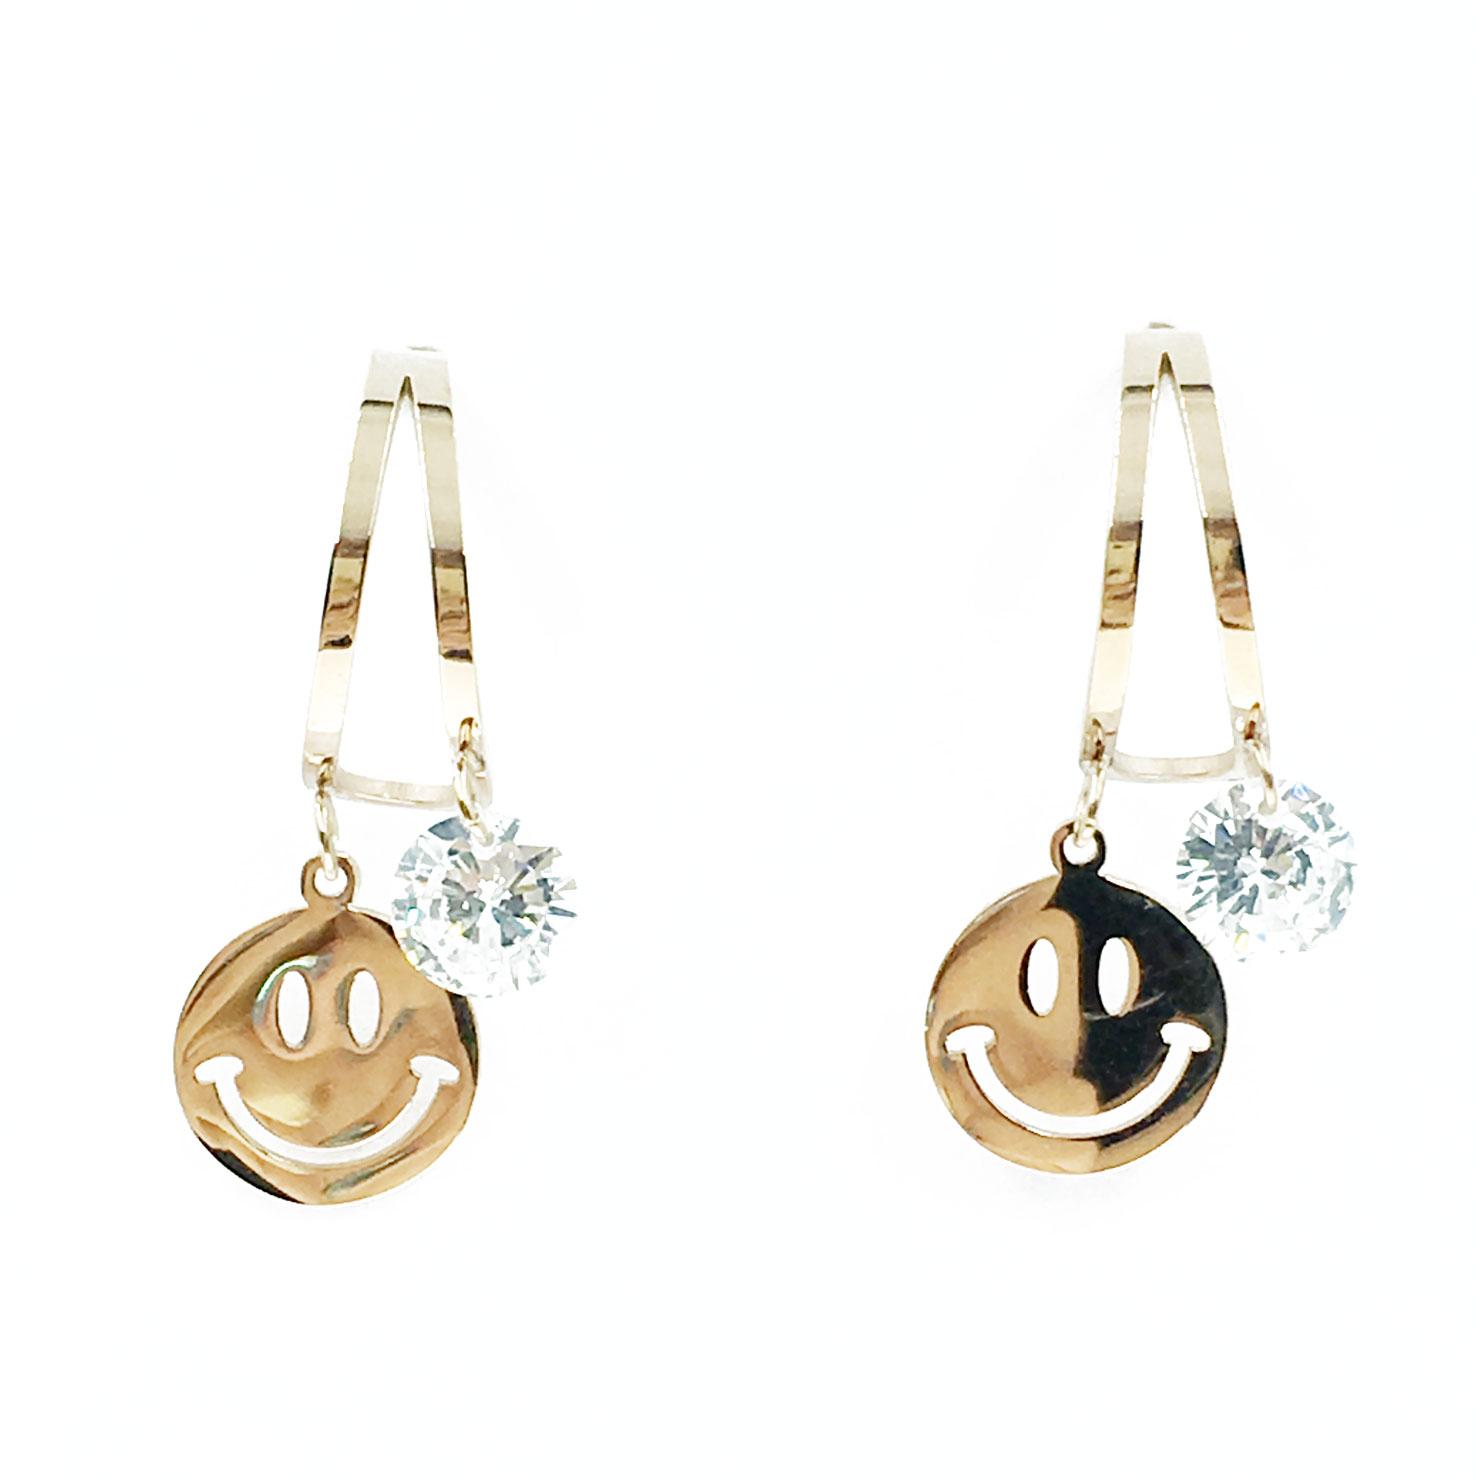 韓國 不銹鋼 水鑽 微笑 金邊 半圓 垂墜感 耳針式 耳環